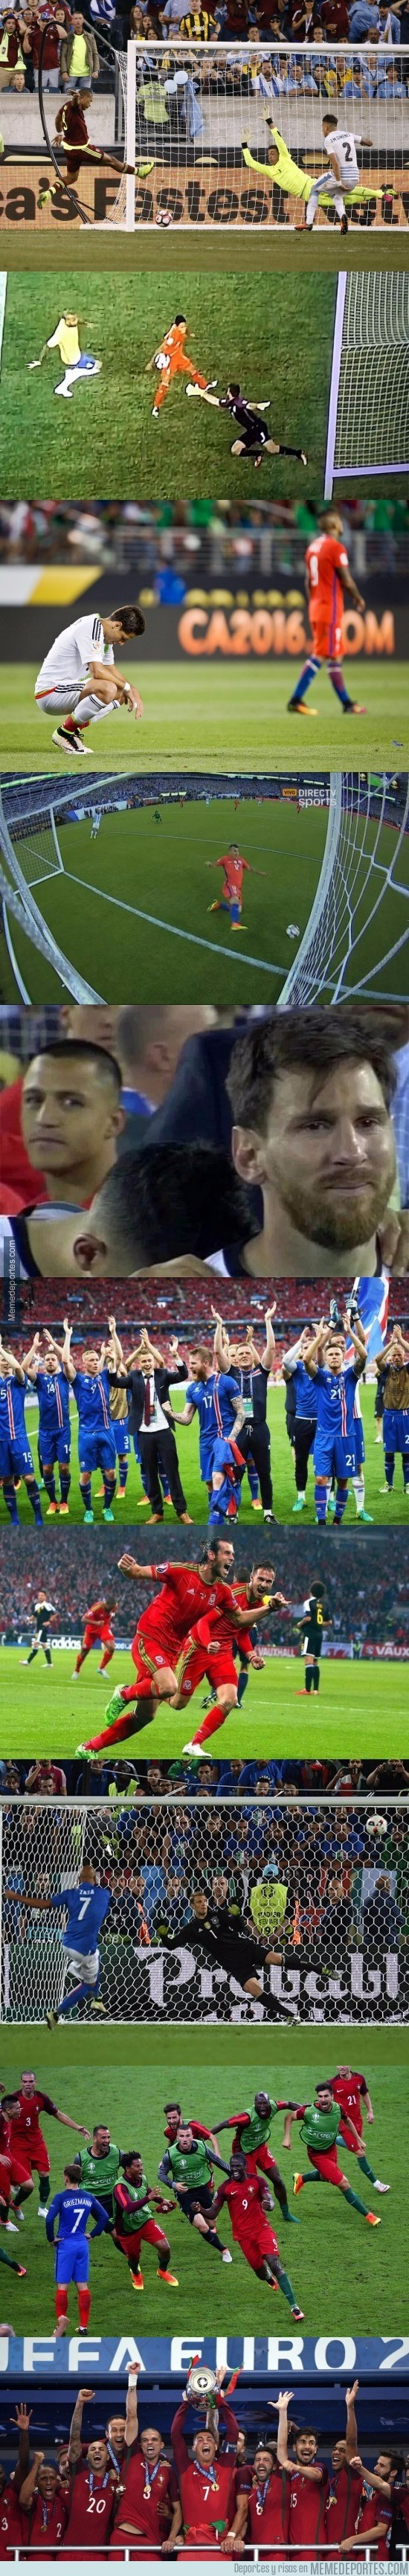 893931 - Resumen de lo que ha sido esta Copa América Centenario y Eurocopa en 10 imágenes